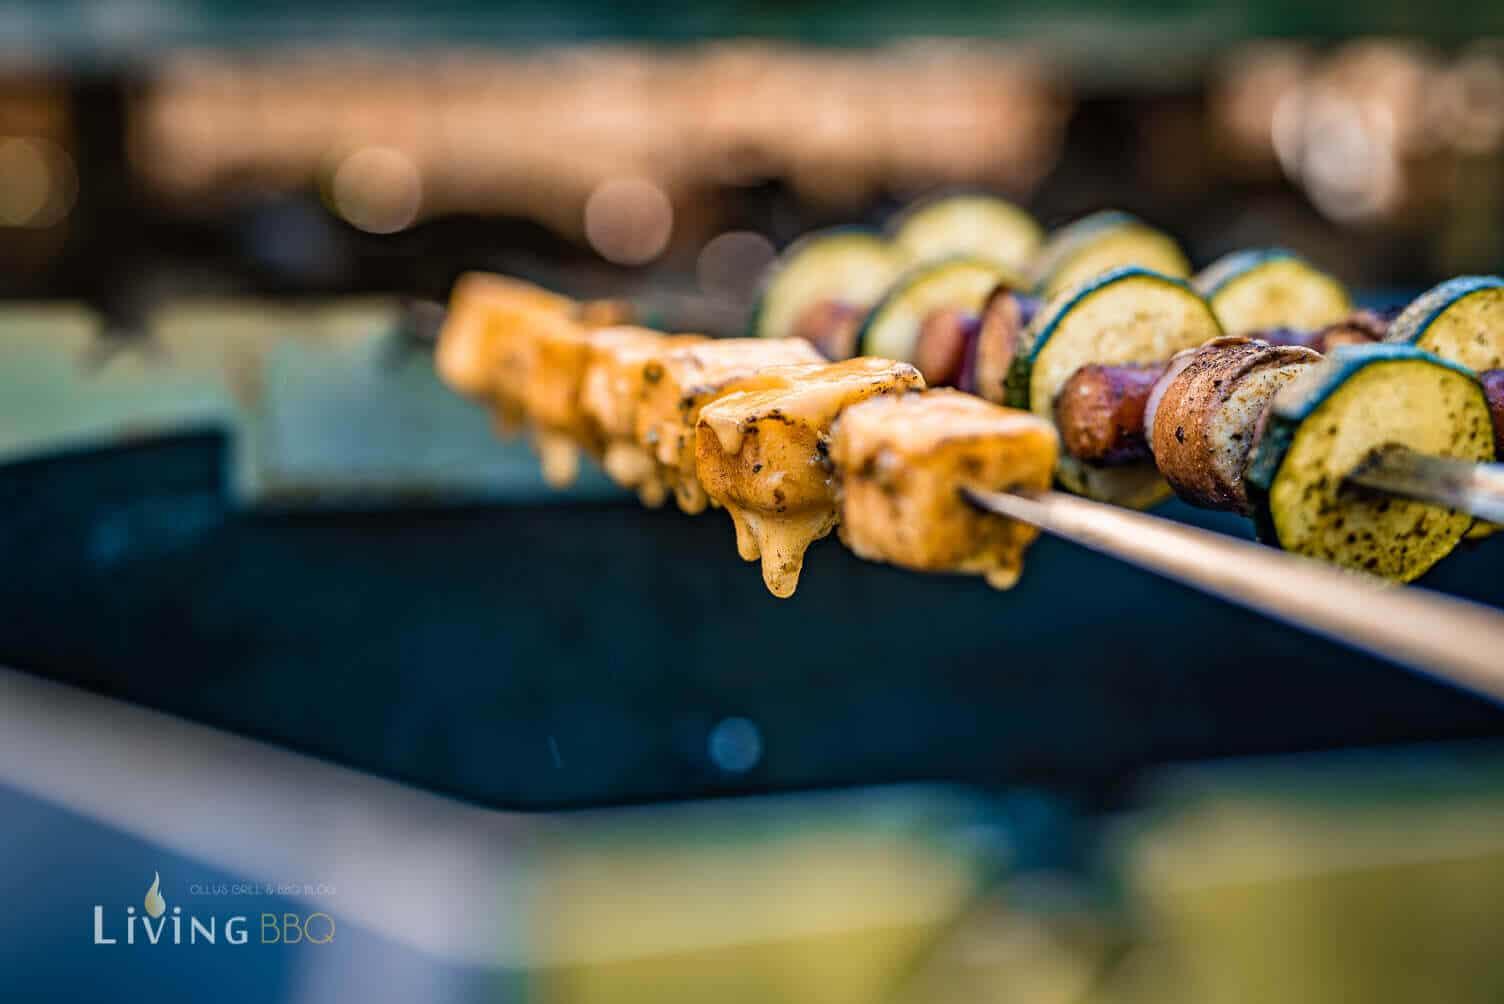 Cheddarkäse am Spieß _Grillspie  e mit Bratwurst 9 von 14